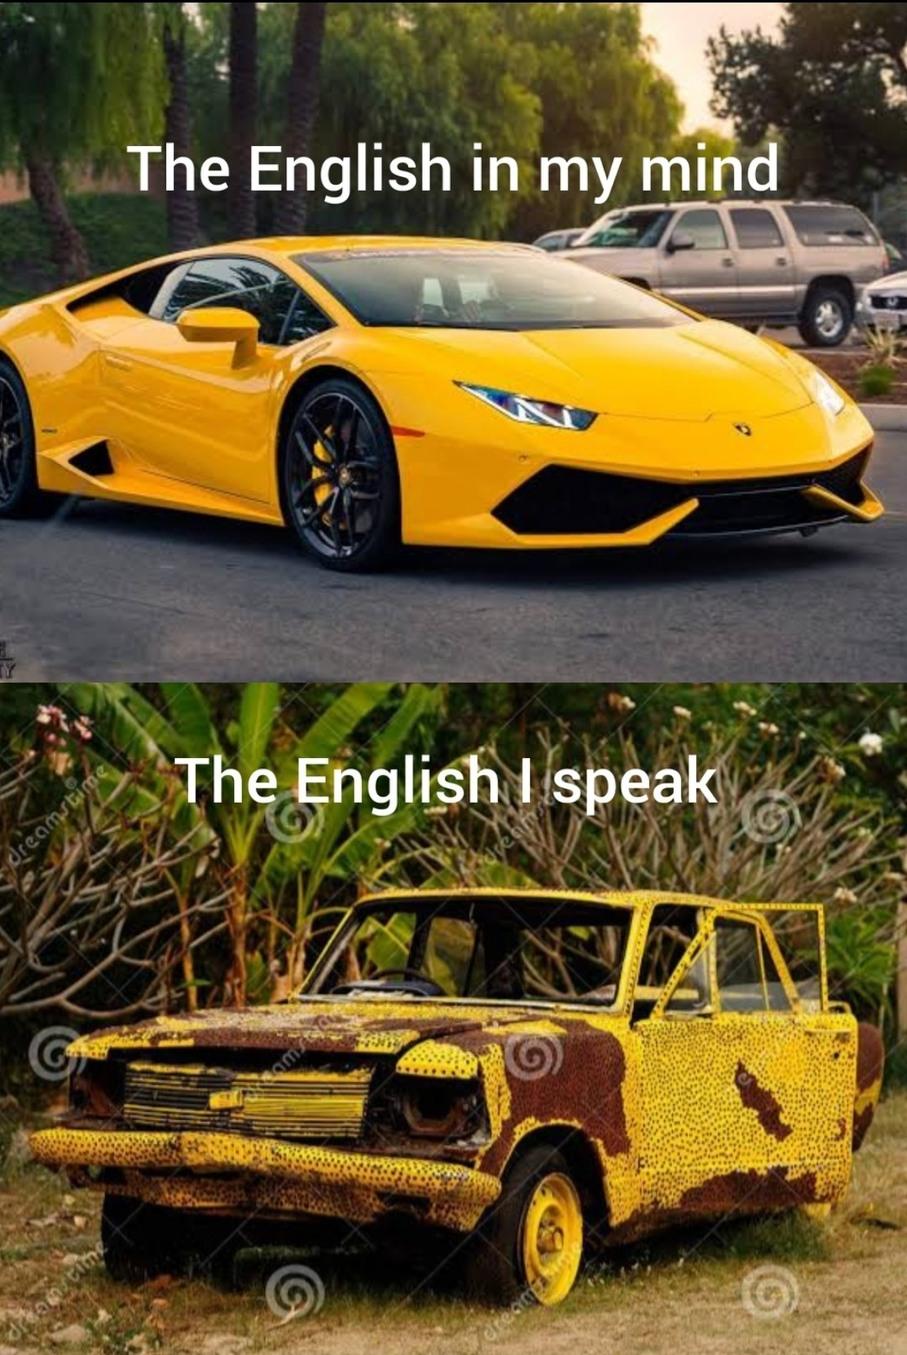 Moi pendant l'oral d'anglais - meme